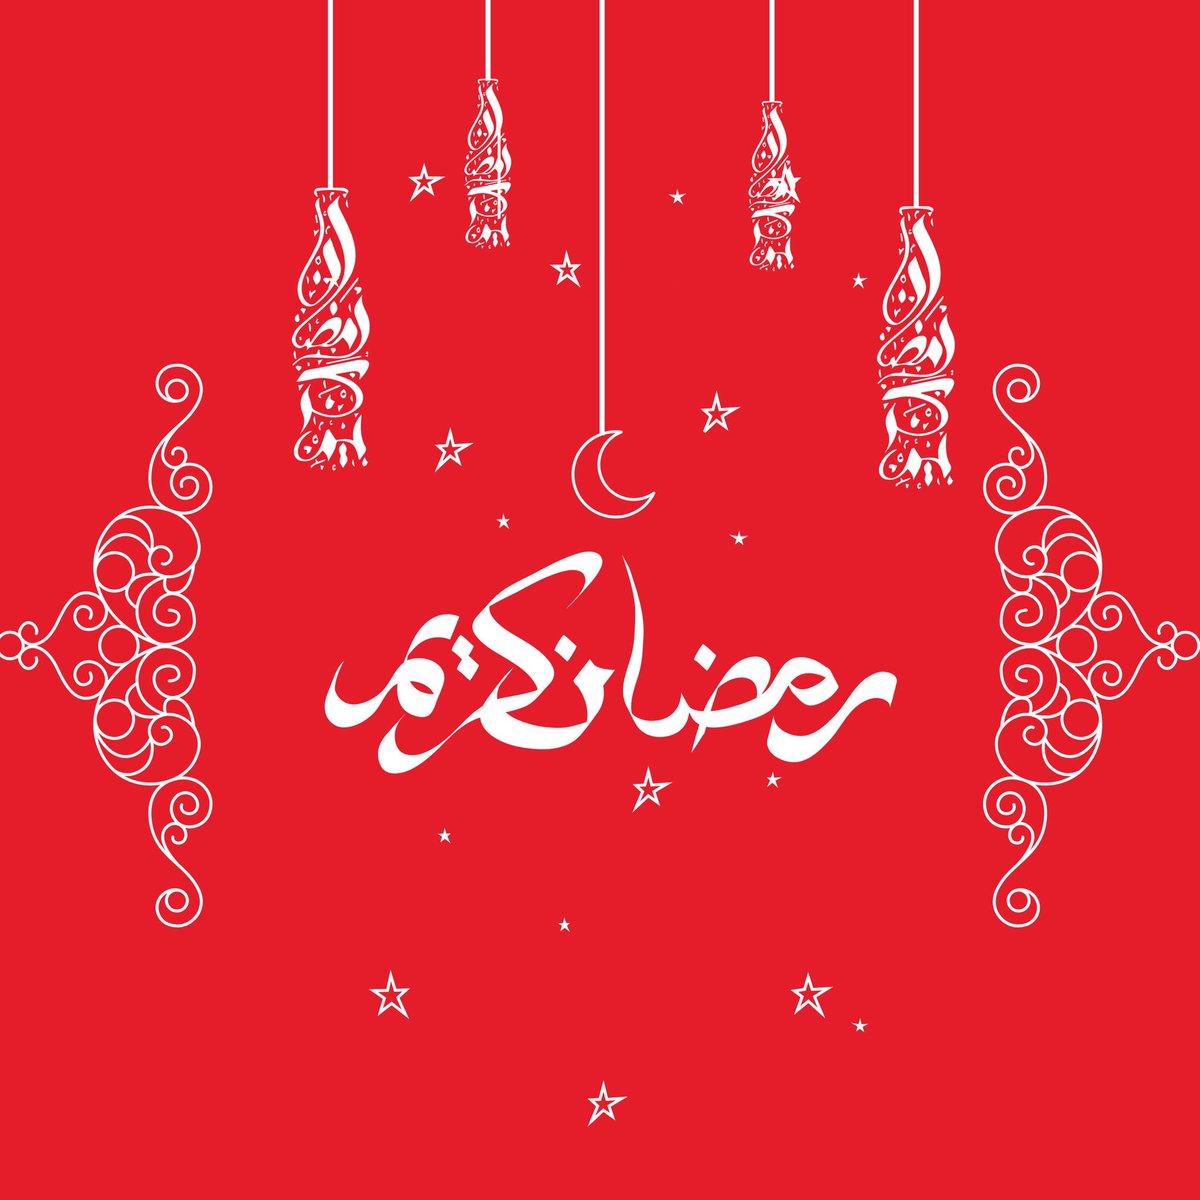 ينعاد عليكم الشهر ❤ #رمضان_كريم https://t.co/zzXx94eVKs